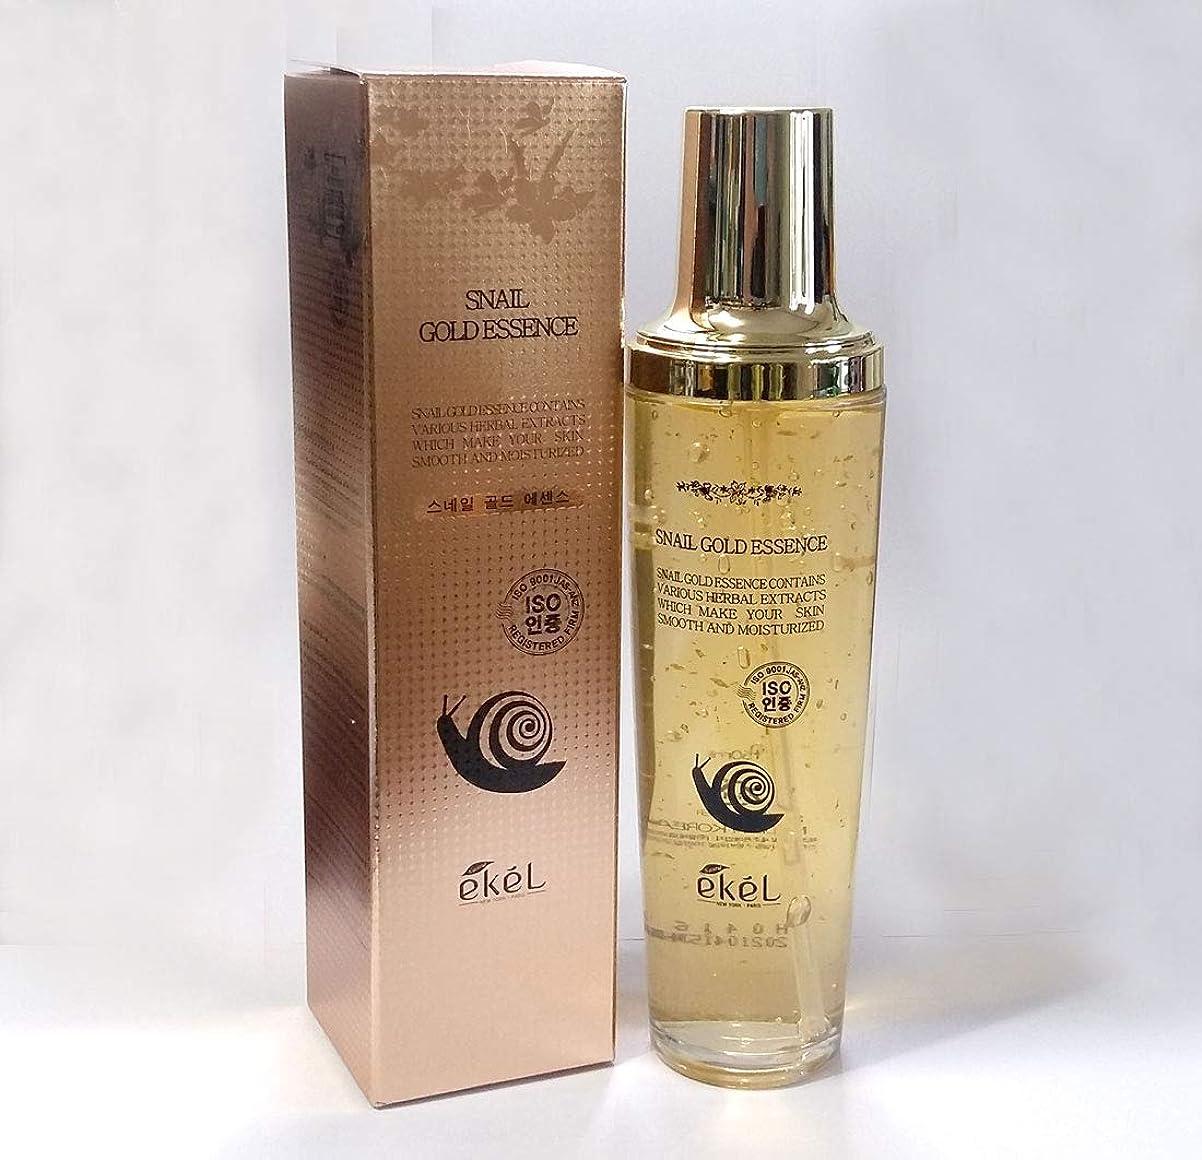 同一性必要好き[EKEL] ゴールドエッセンス150ml /ハーブエキス/スムーズ&モイスチャライド/韓国化粧品 / Gold Essence 150ml / Herbal Extracts / Smooth & Moisturized / Korean Cosmetics [並行輸入品]